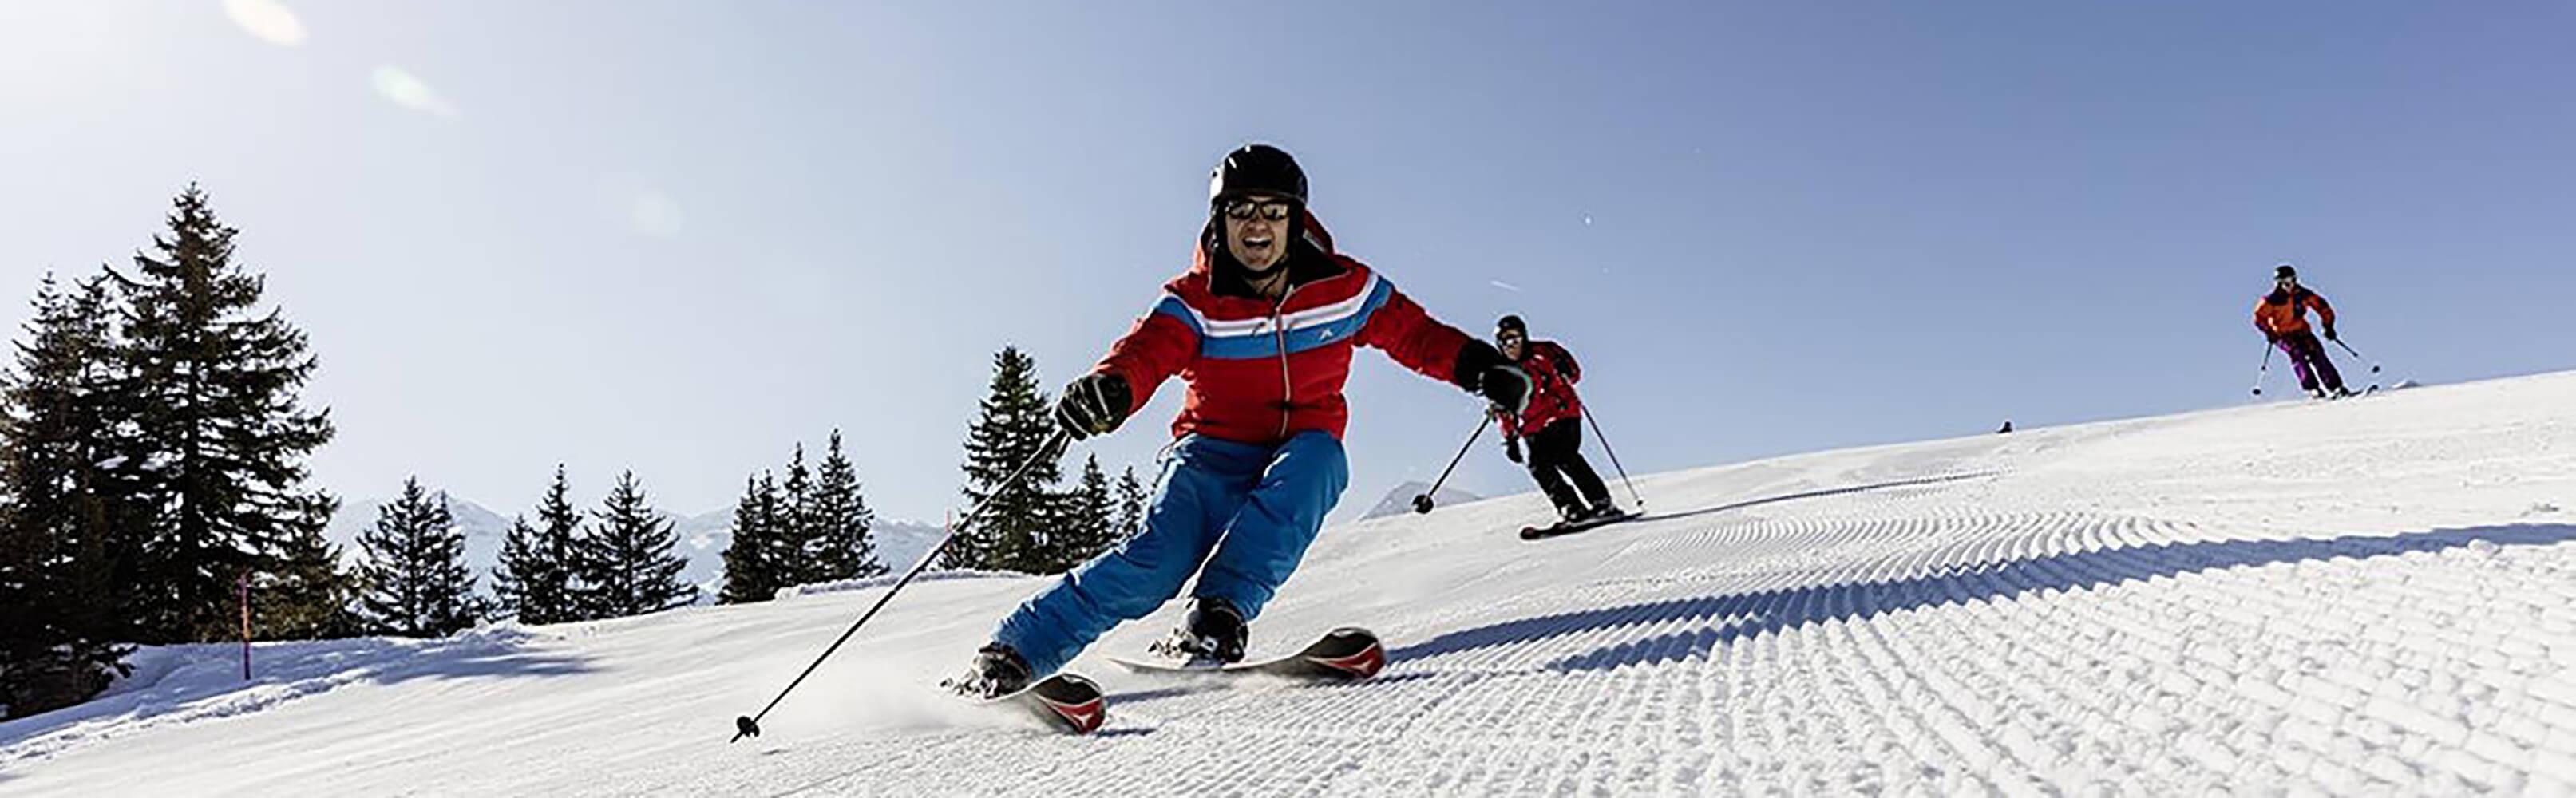 Lenk - Vielfältiges Schneesportvergnügen 1